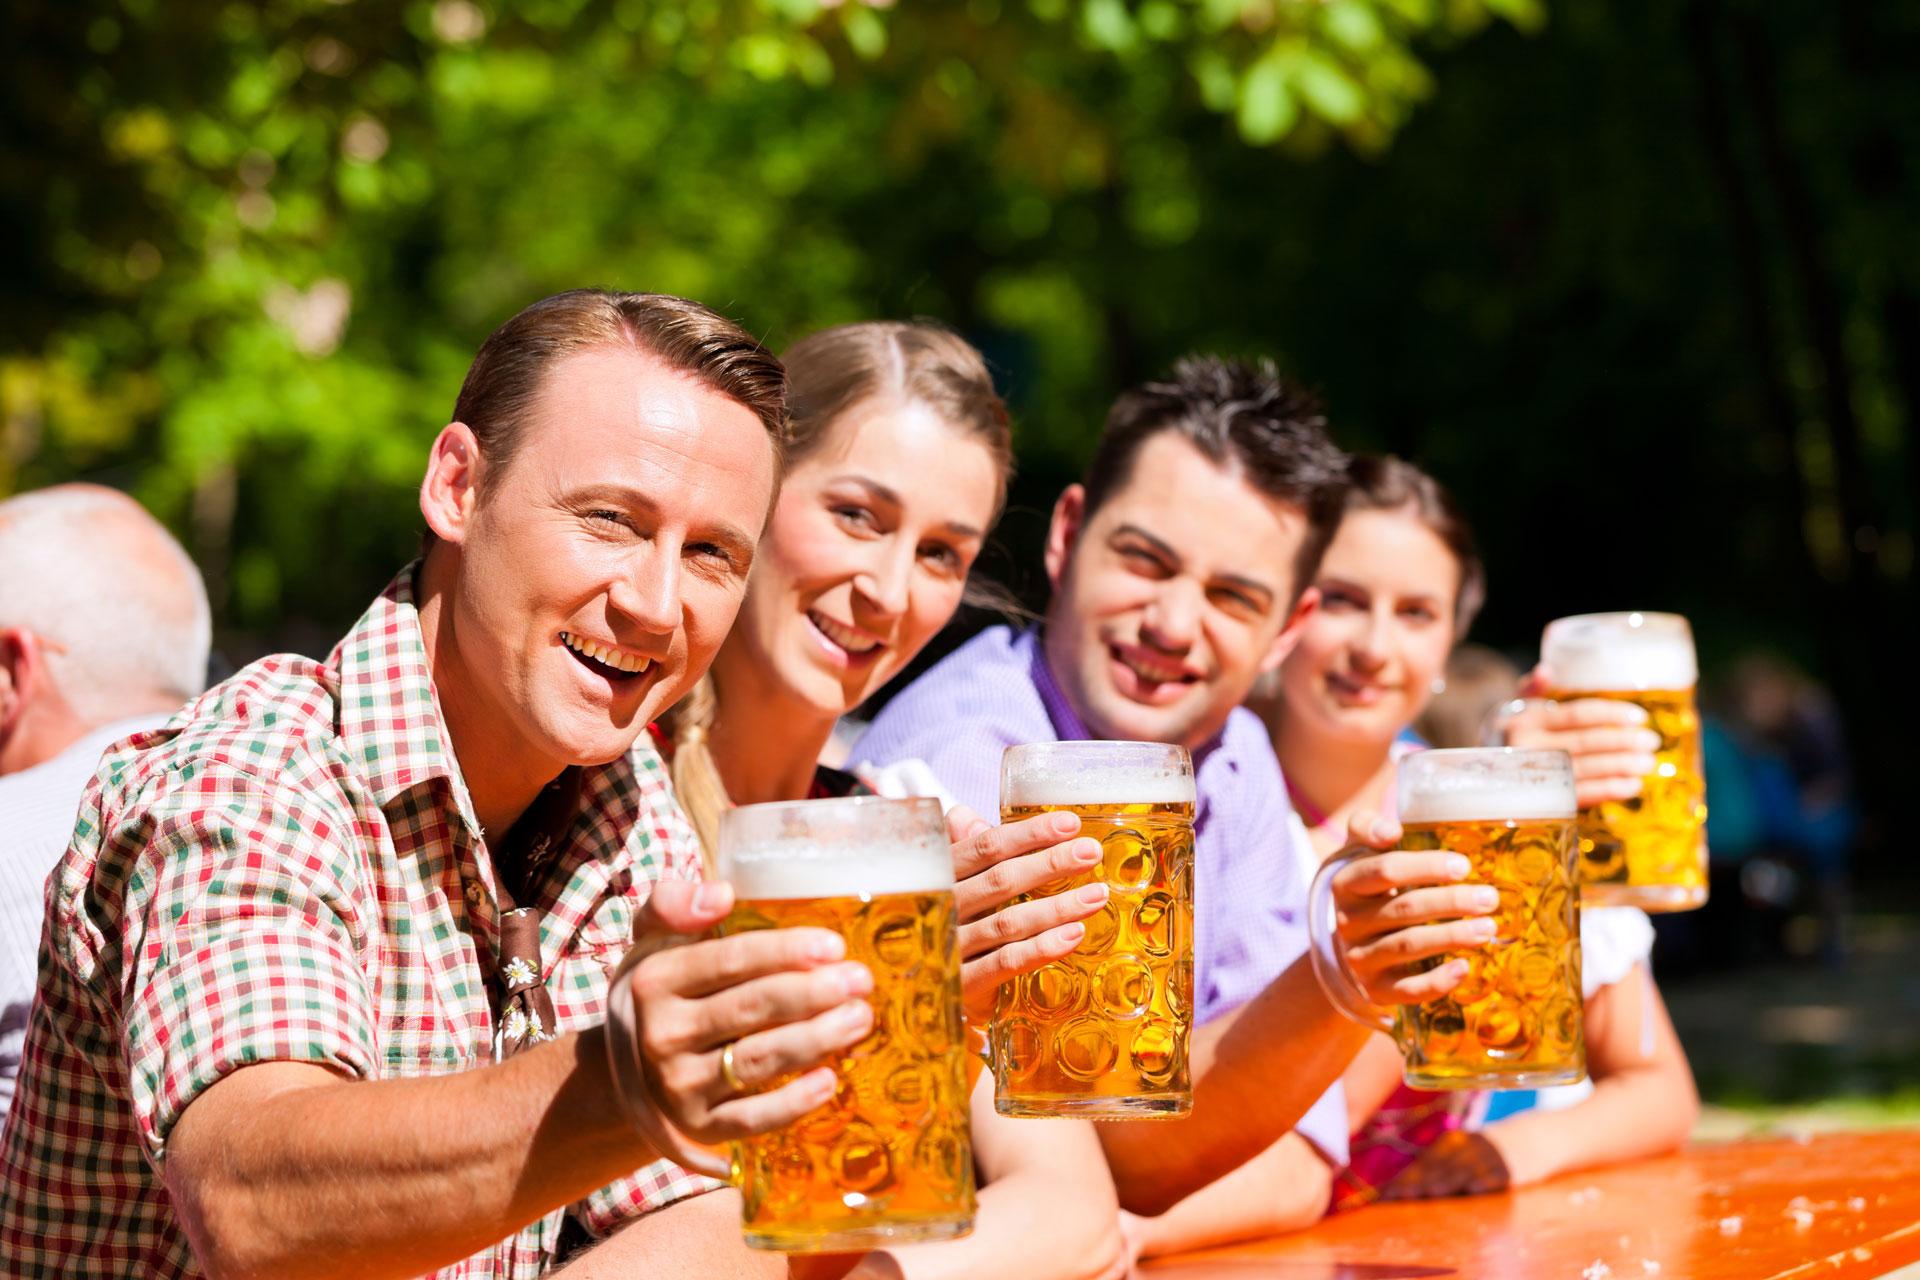 Unser Biergarten lädt zum feiern ein